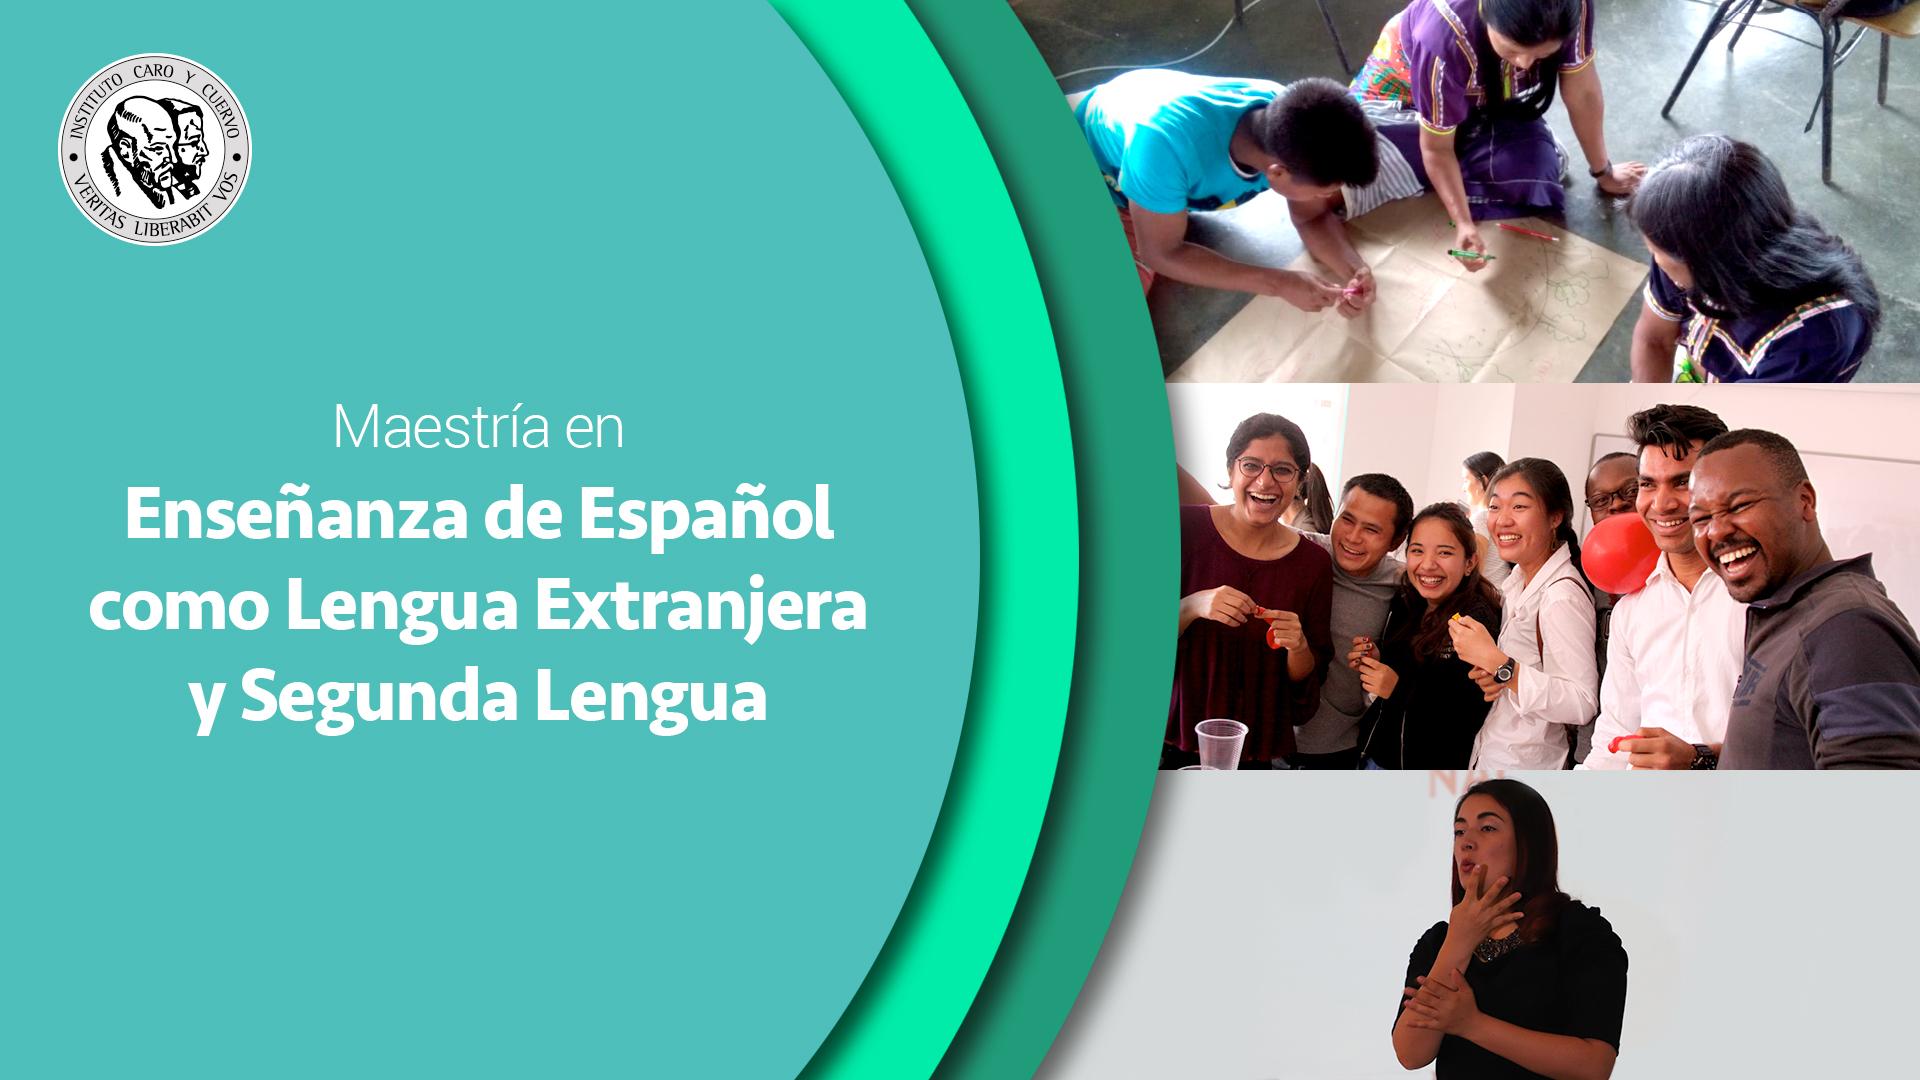 Inscríbase a la Maestría en Enseñanza de Español como Lengua Extranjera y Segunda Lengua